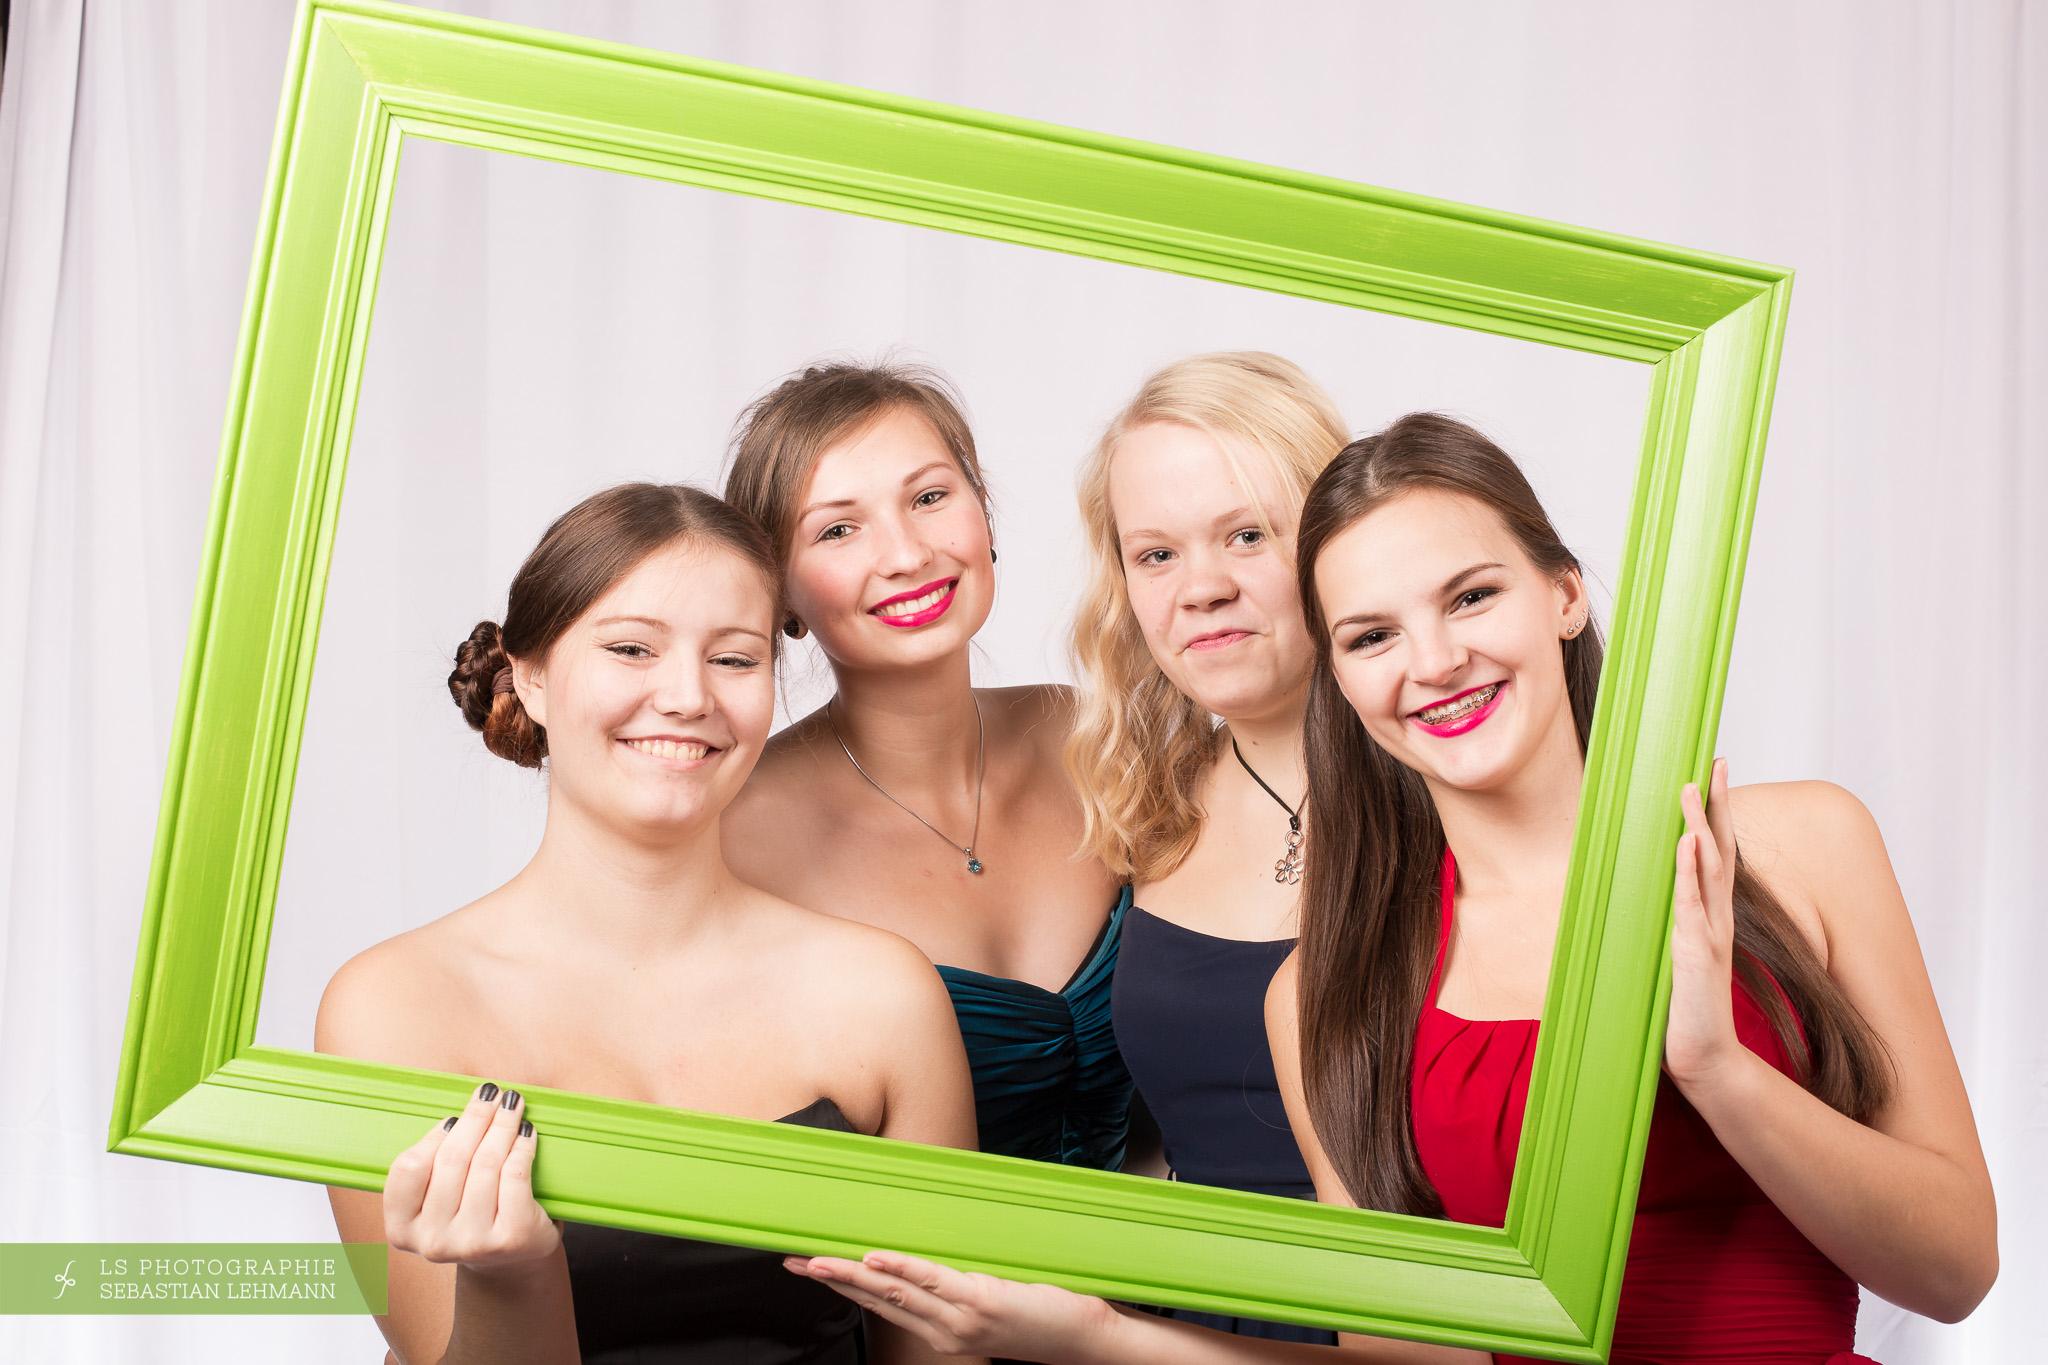 Portrait-Abiball-Abschlussball-Fotograf-Düren-LS-Photographie